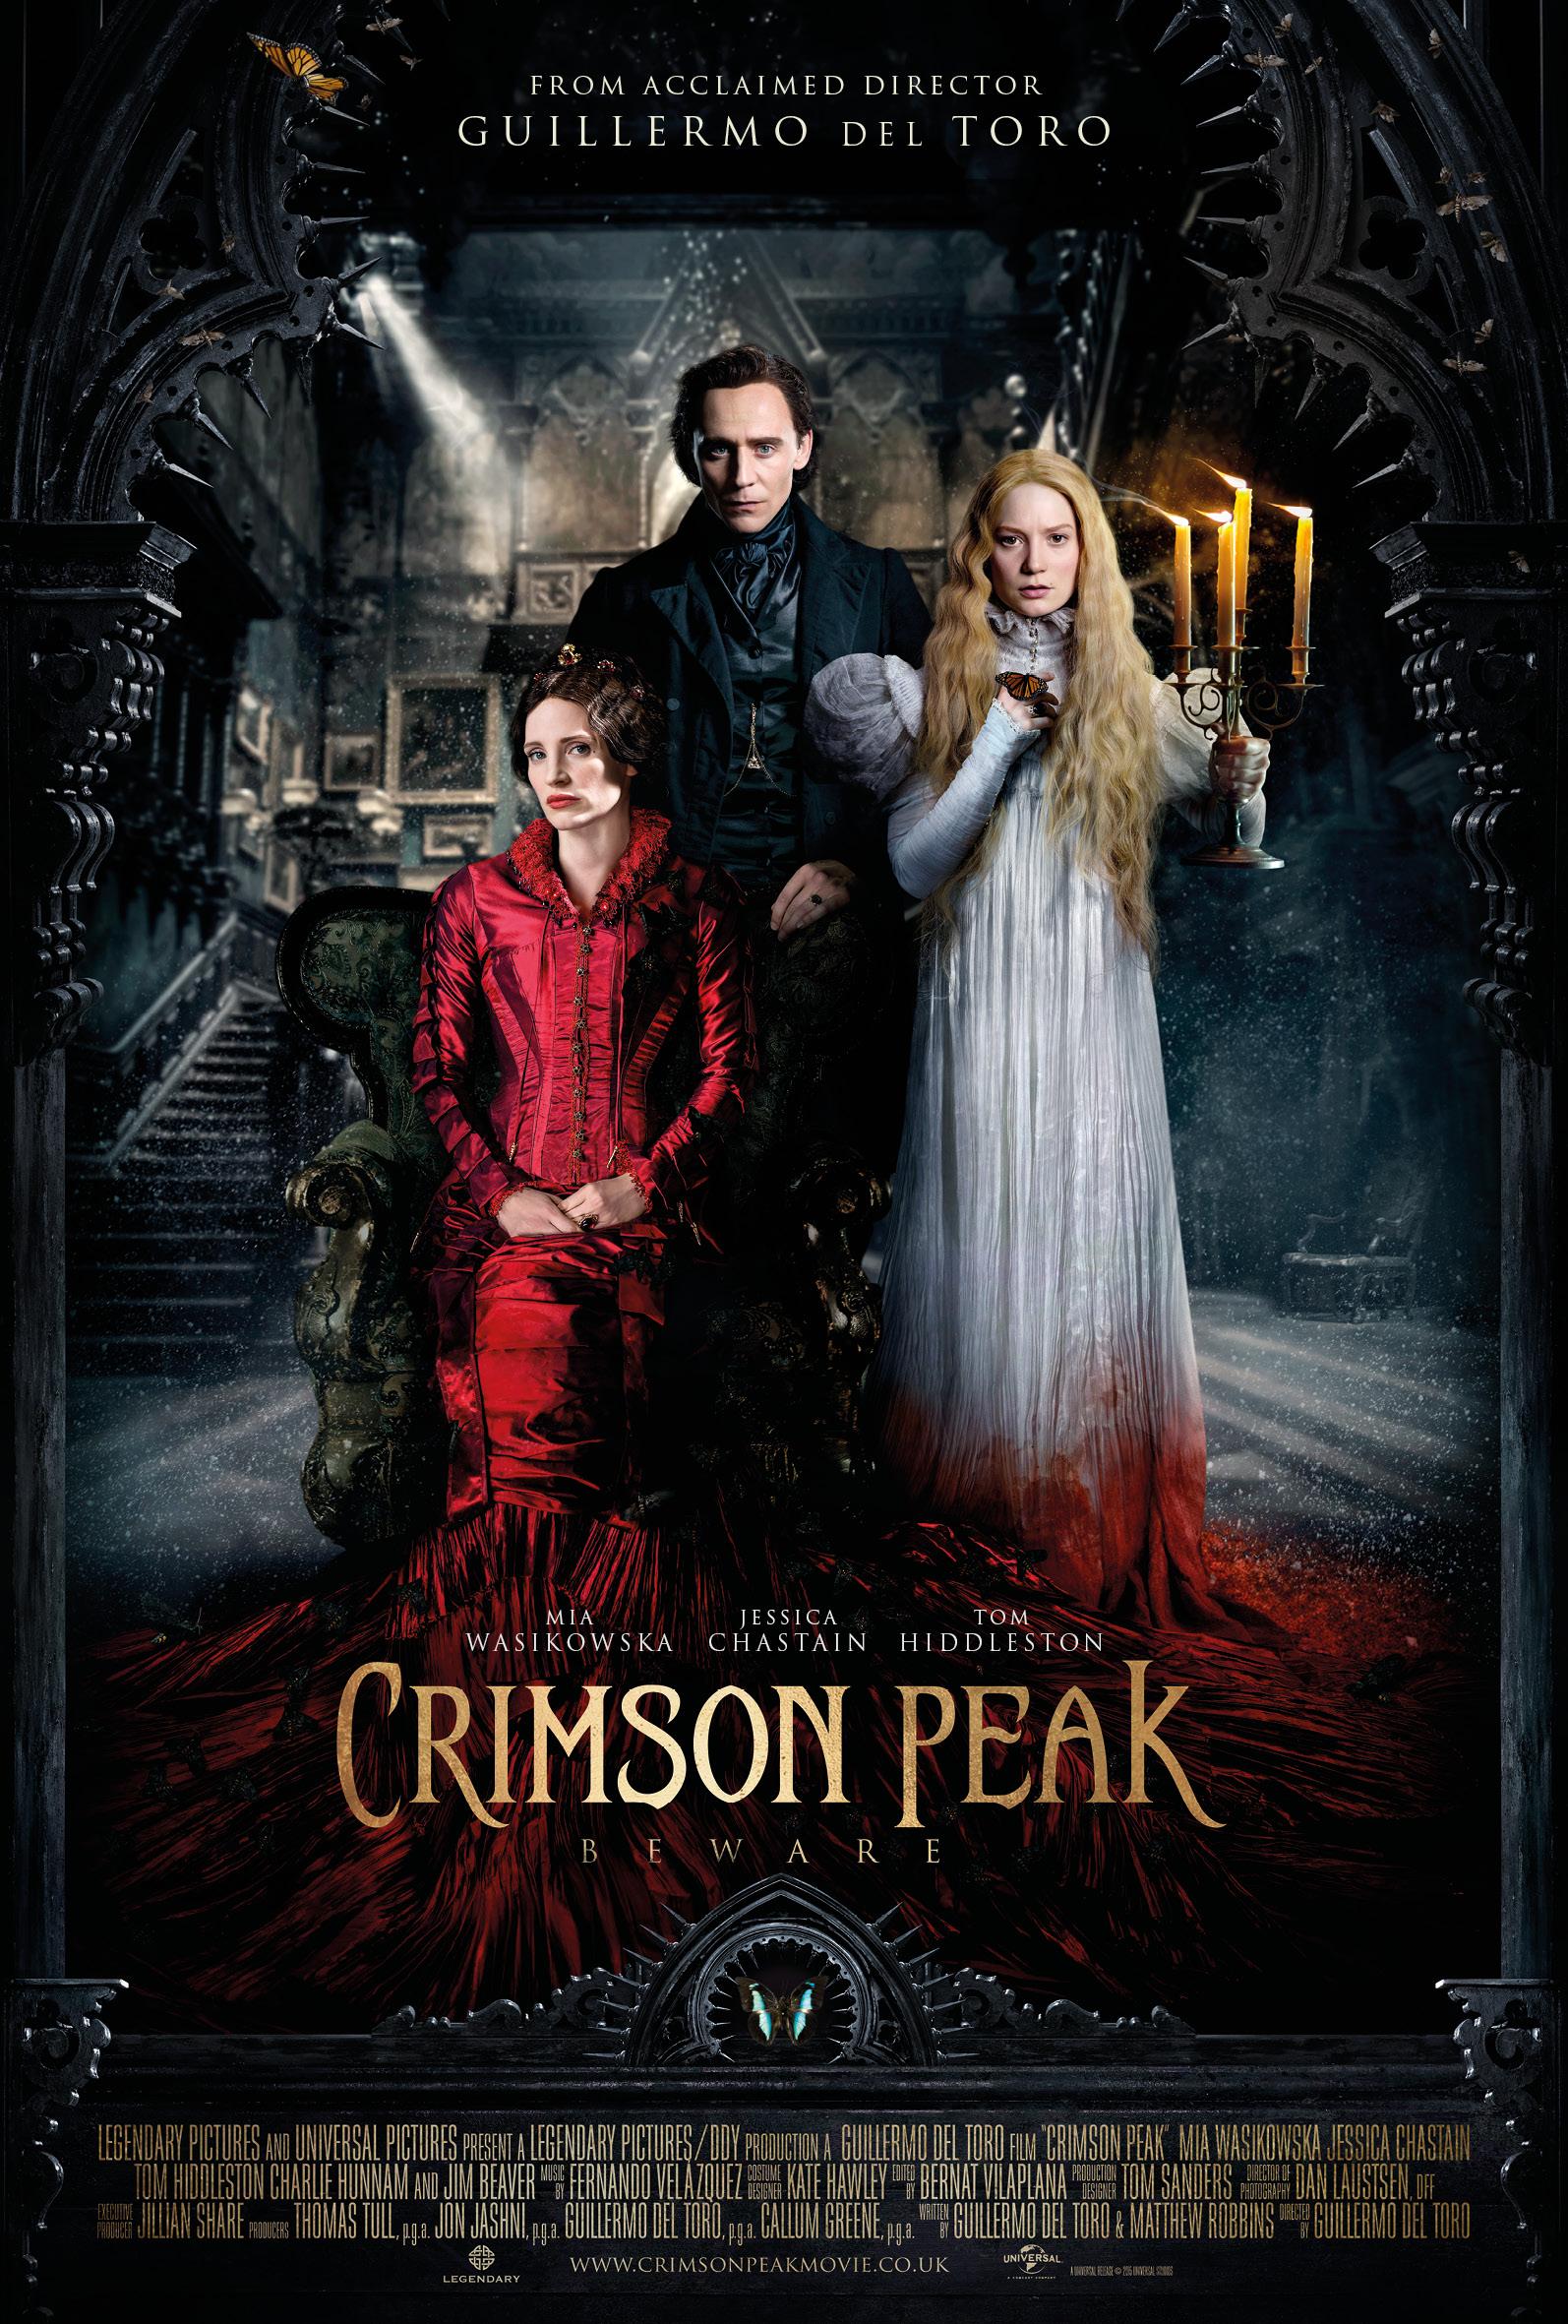 halloween week crimson peak movie reviewthe book smugglers halloween week 2015 movie review crimson peak